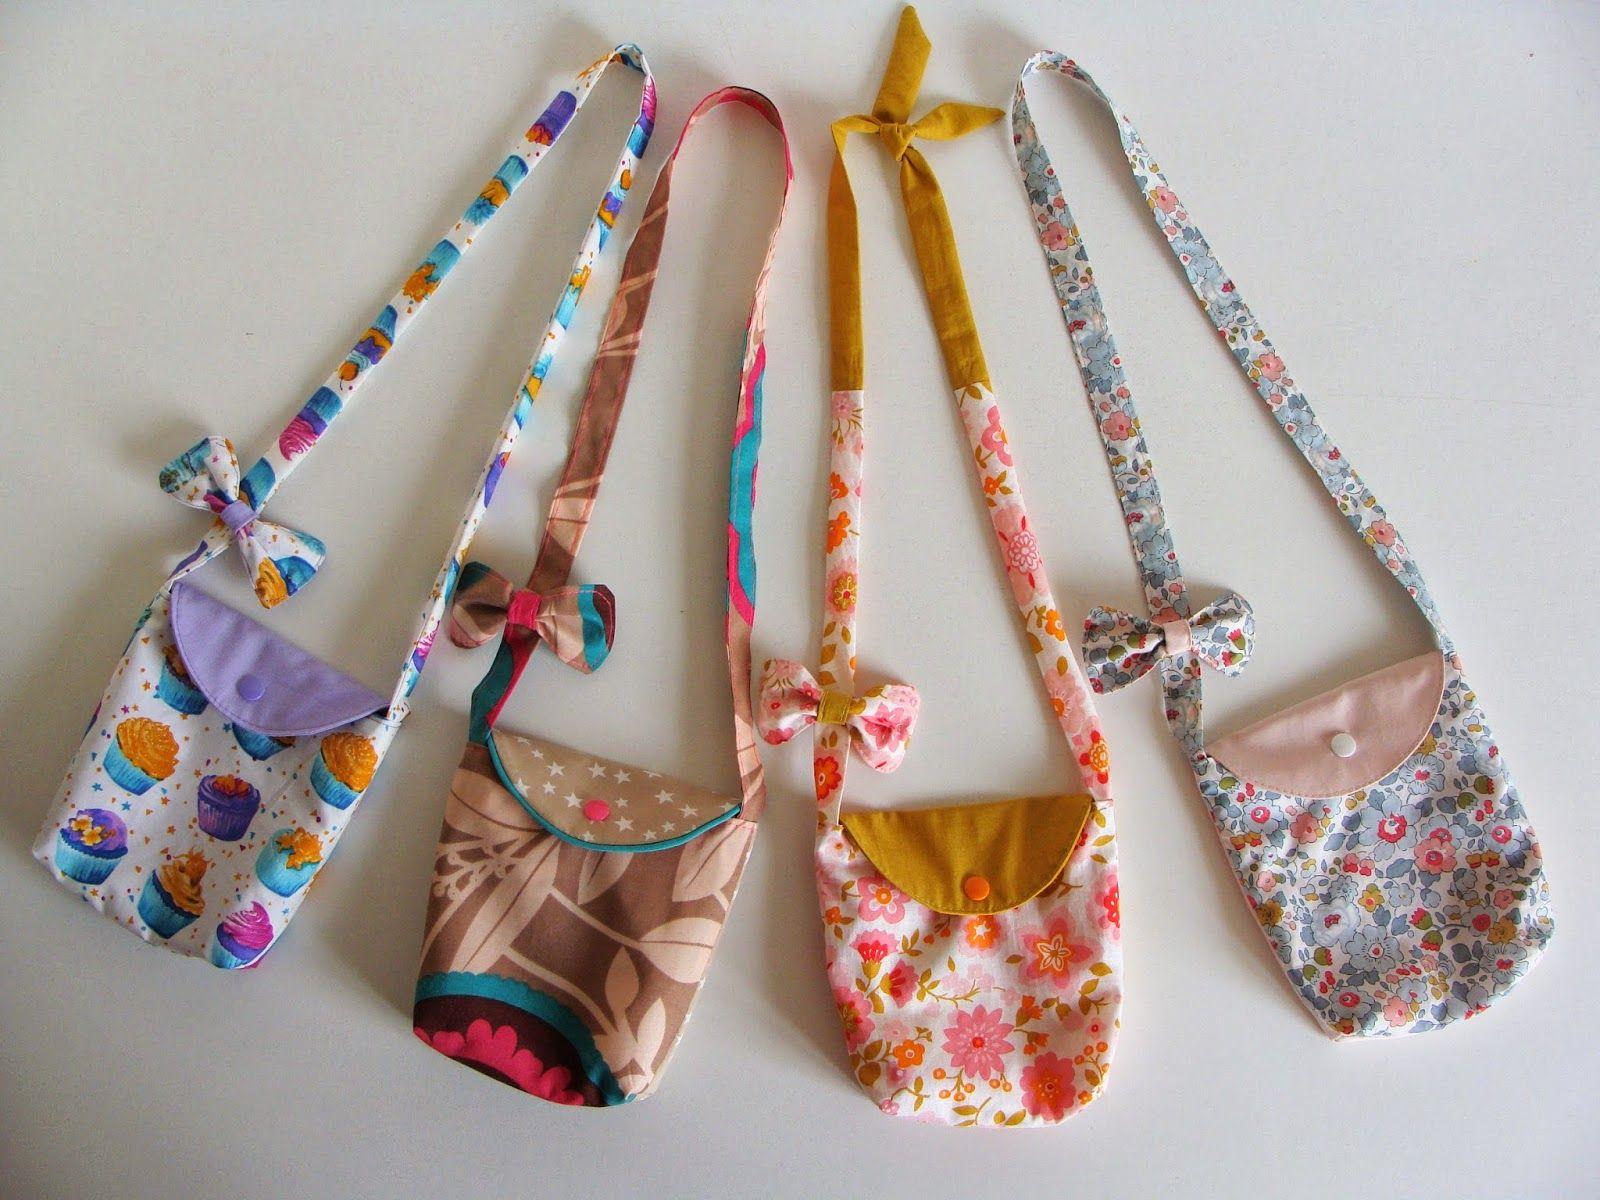 orphyse id e cadeau pour petite fille tuto du sac et du noeud couture pinterest cadeaux. Black Bedroom Furniture Sets. Home Design Ideas